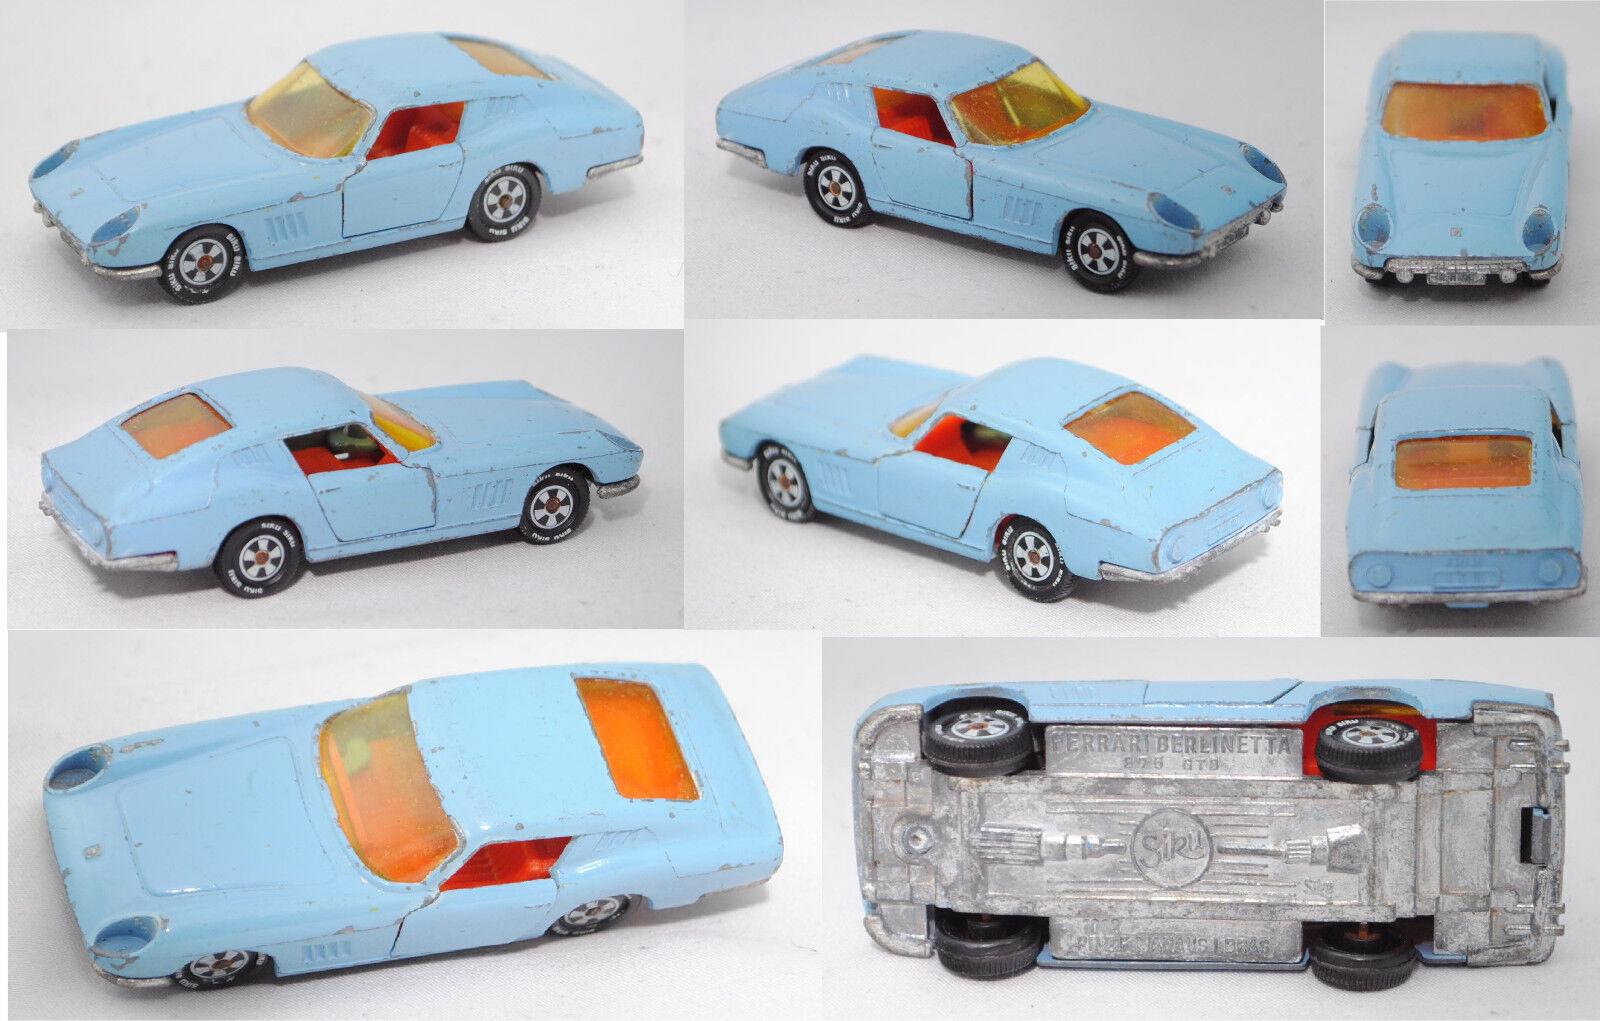 Siku Super 1012 ferrari berlinetta 275 GTB pr. z.f. manaus I. bras., siku brasil